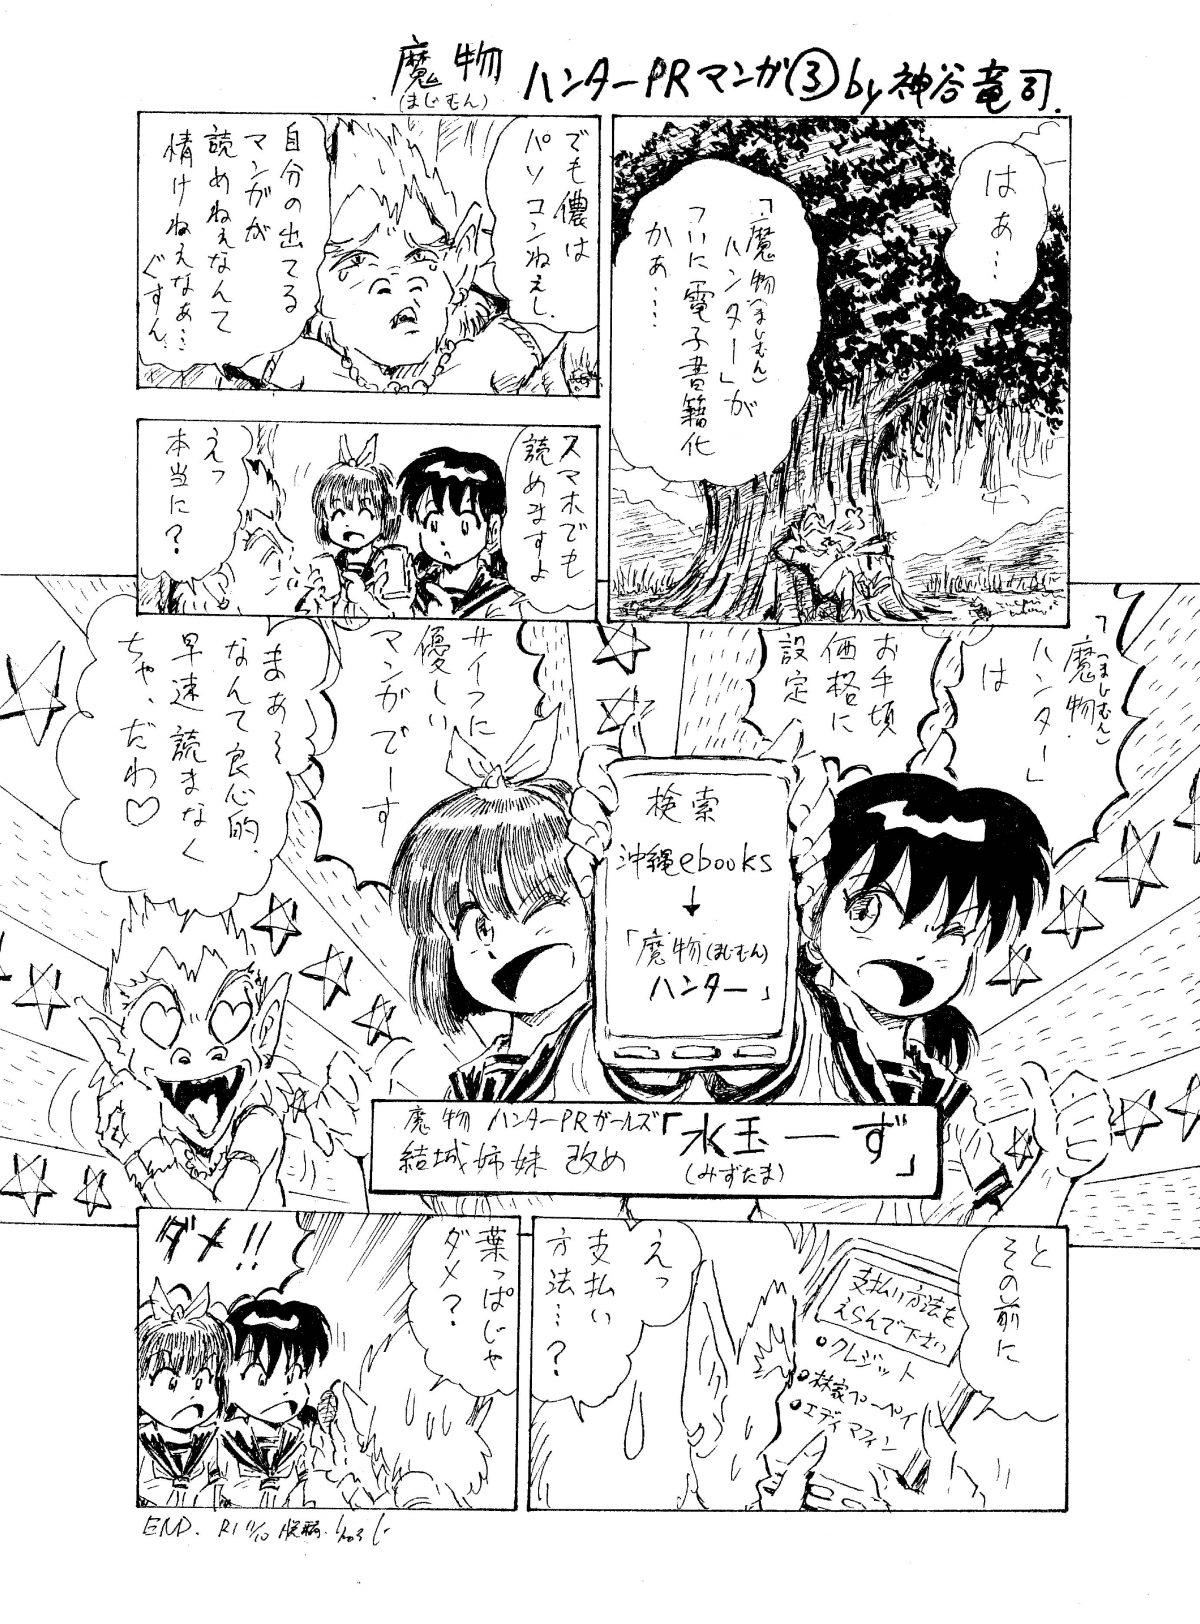 魔物(まじむん)ハンター PRマンガ③